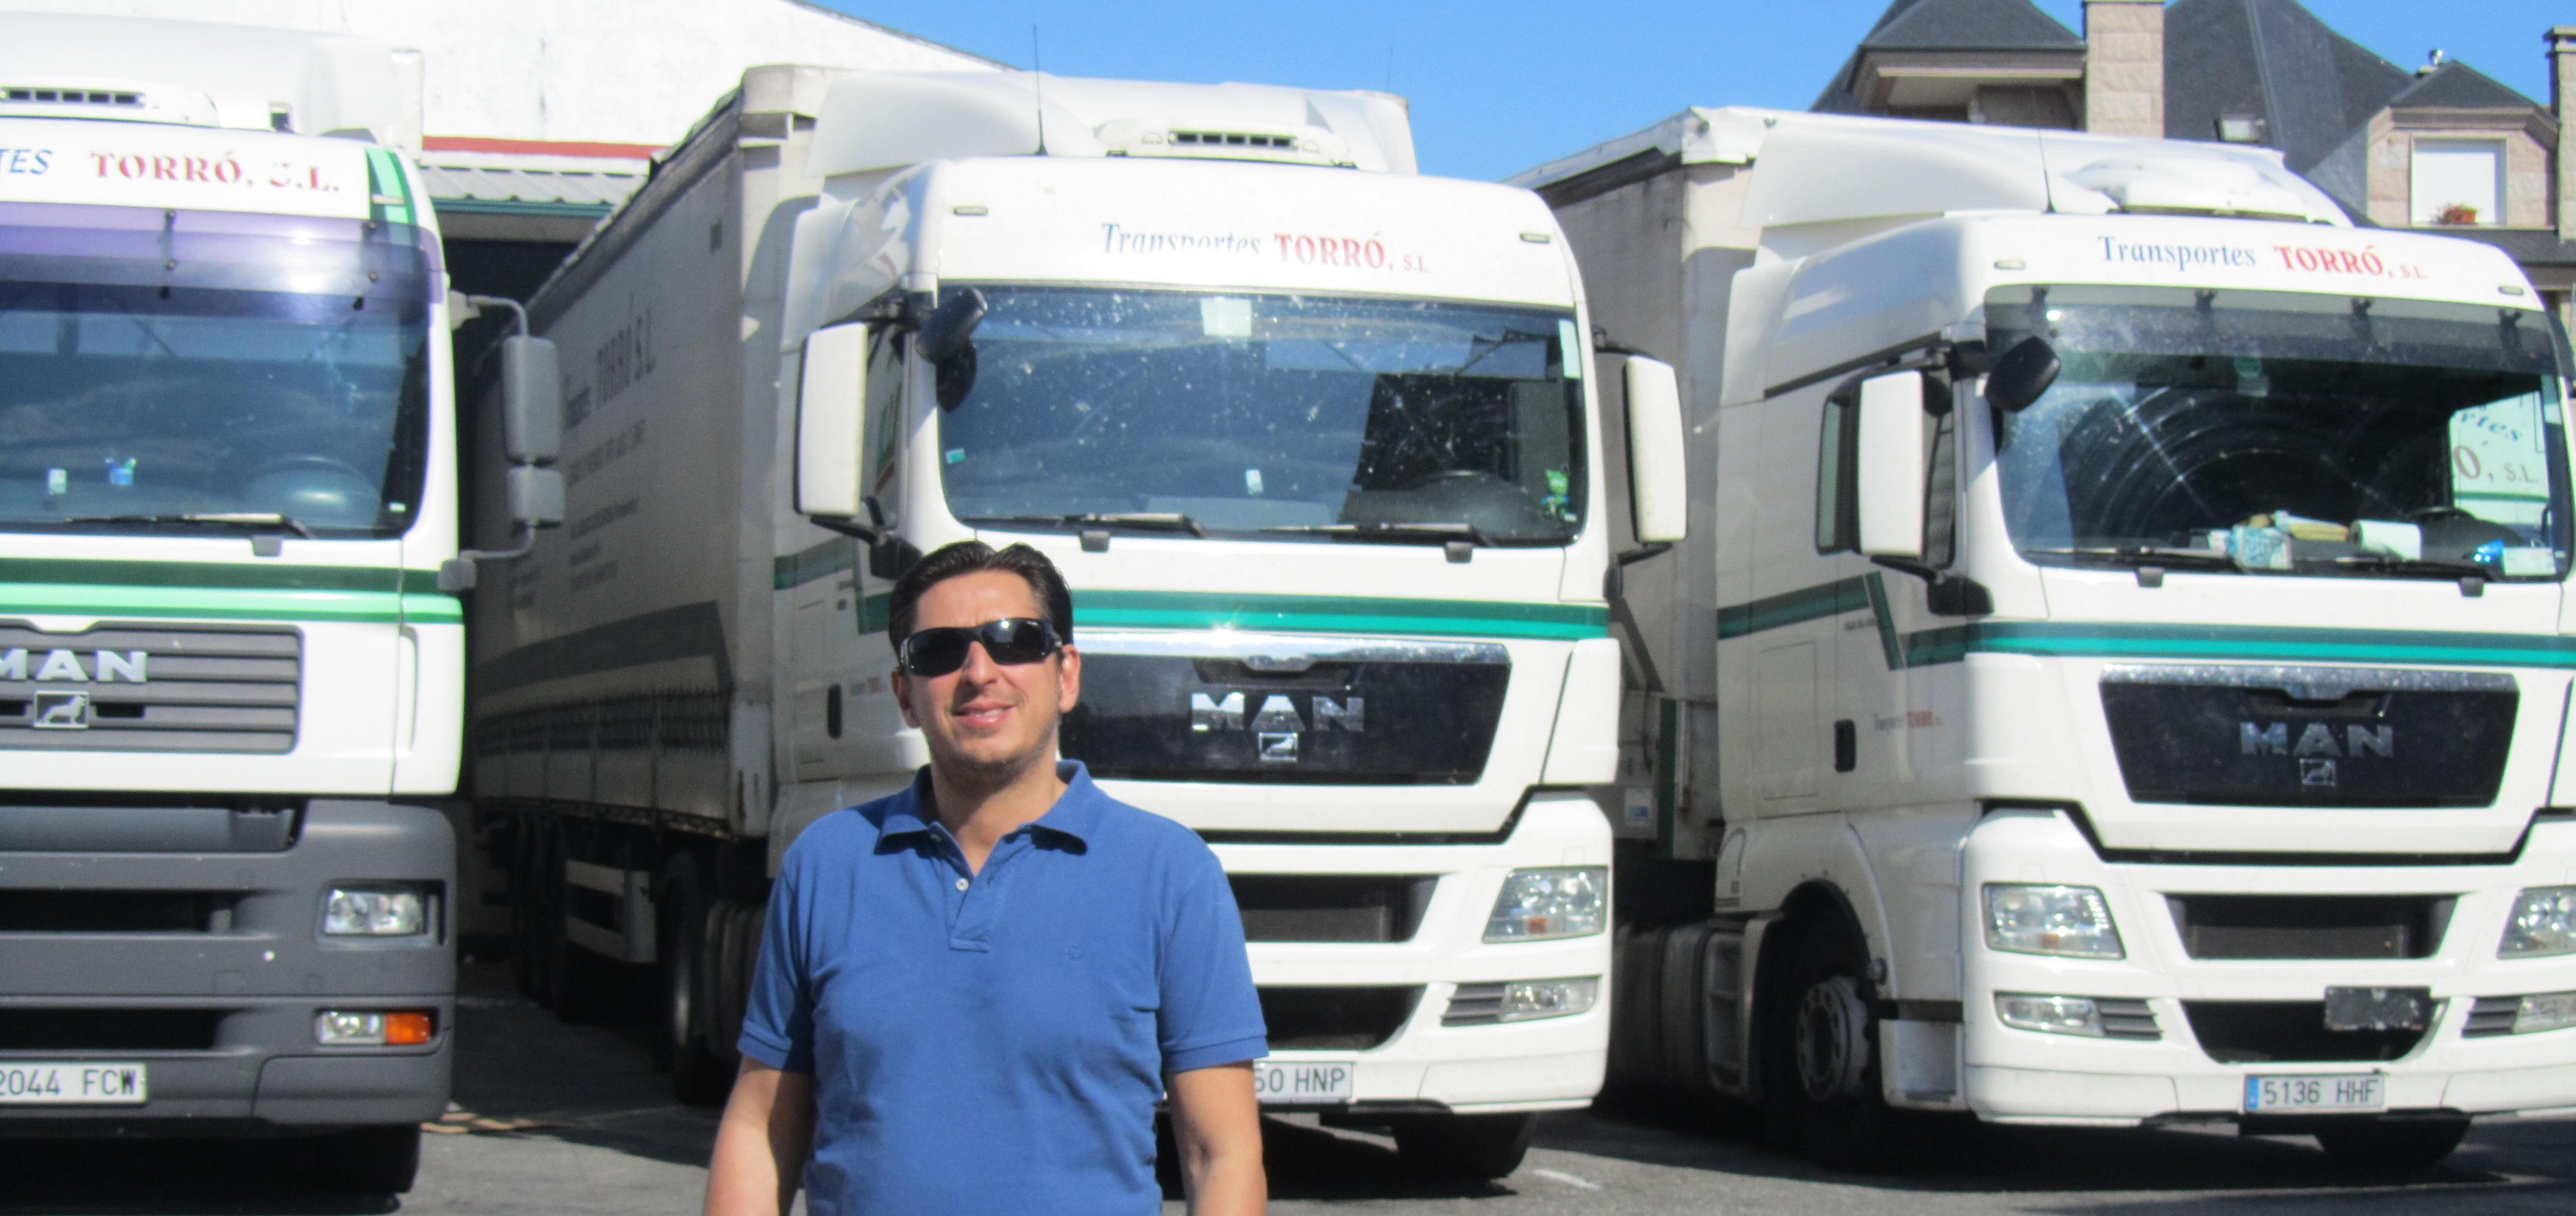 Juan Fos de Transportes Torró